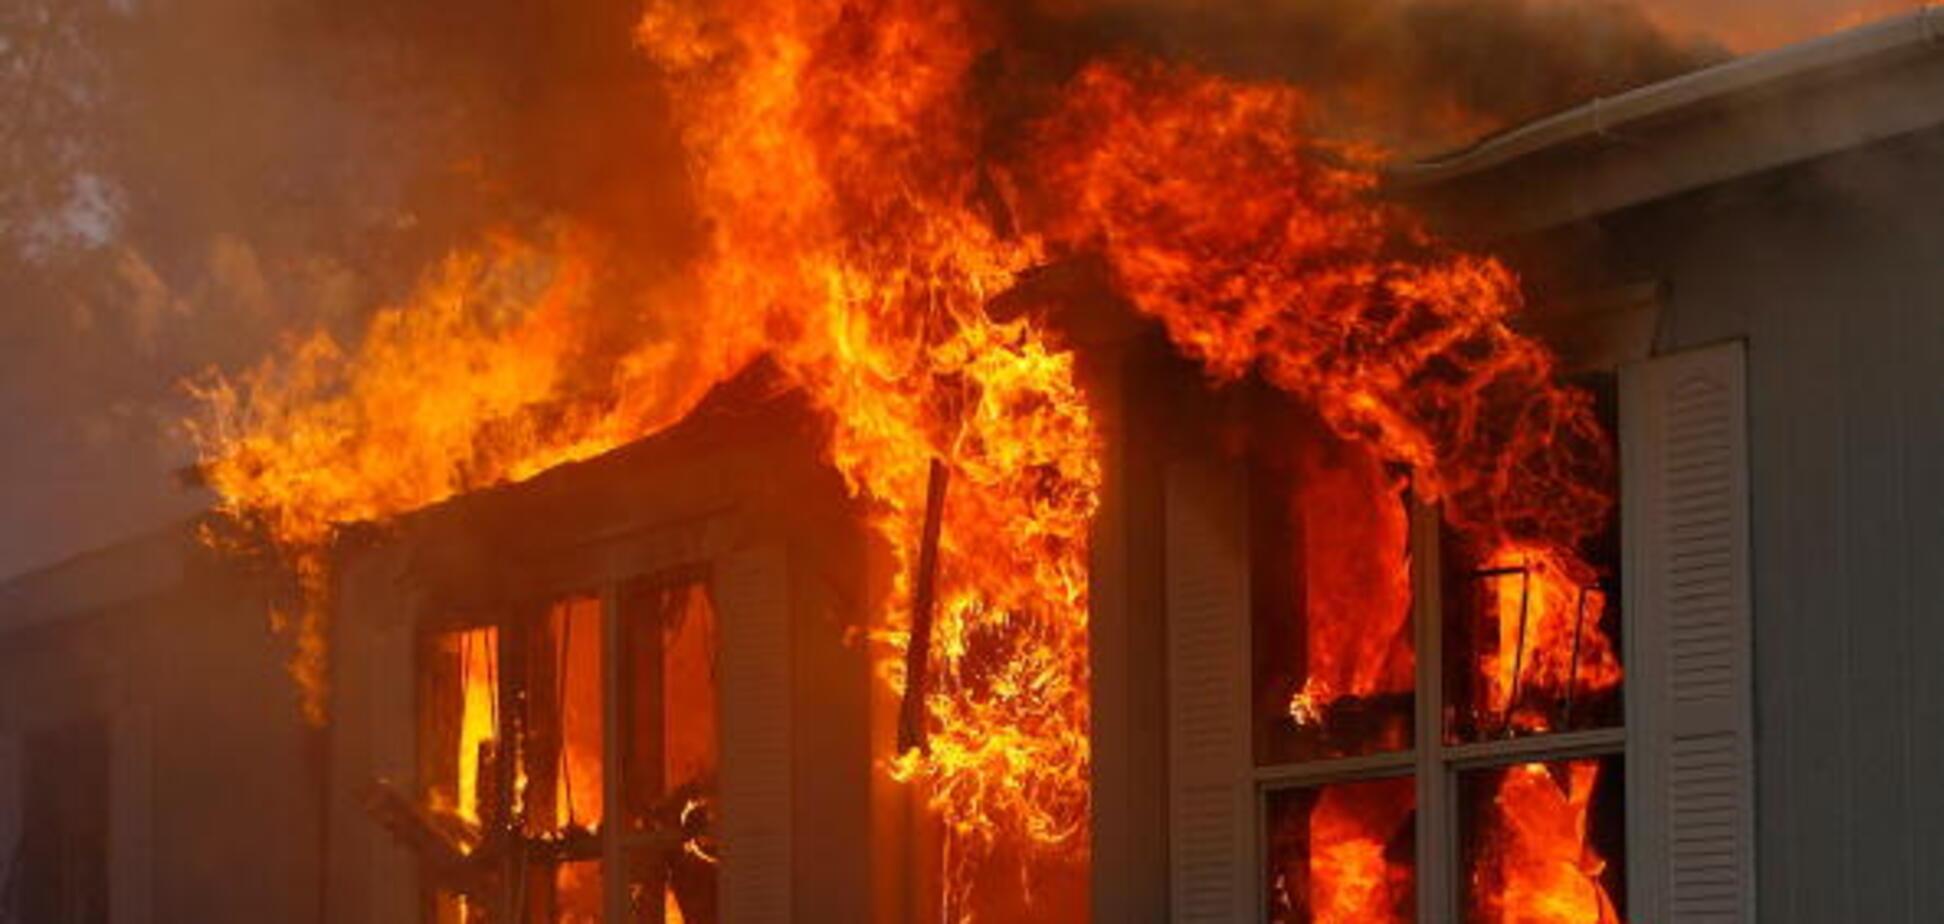 Матір, через яку живцем згоріли четверо дітей на Черкащині, відпустили: названа причина